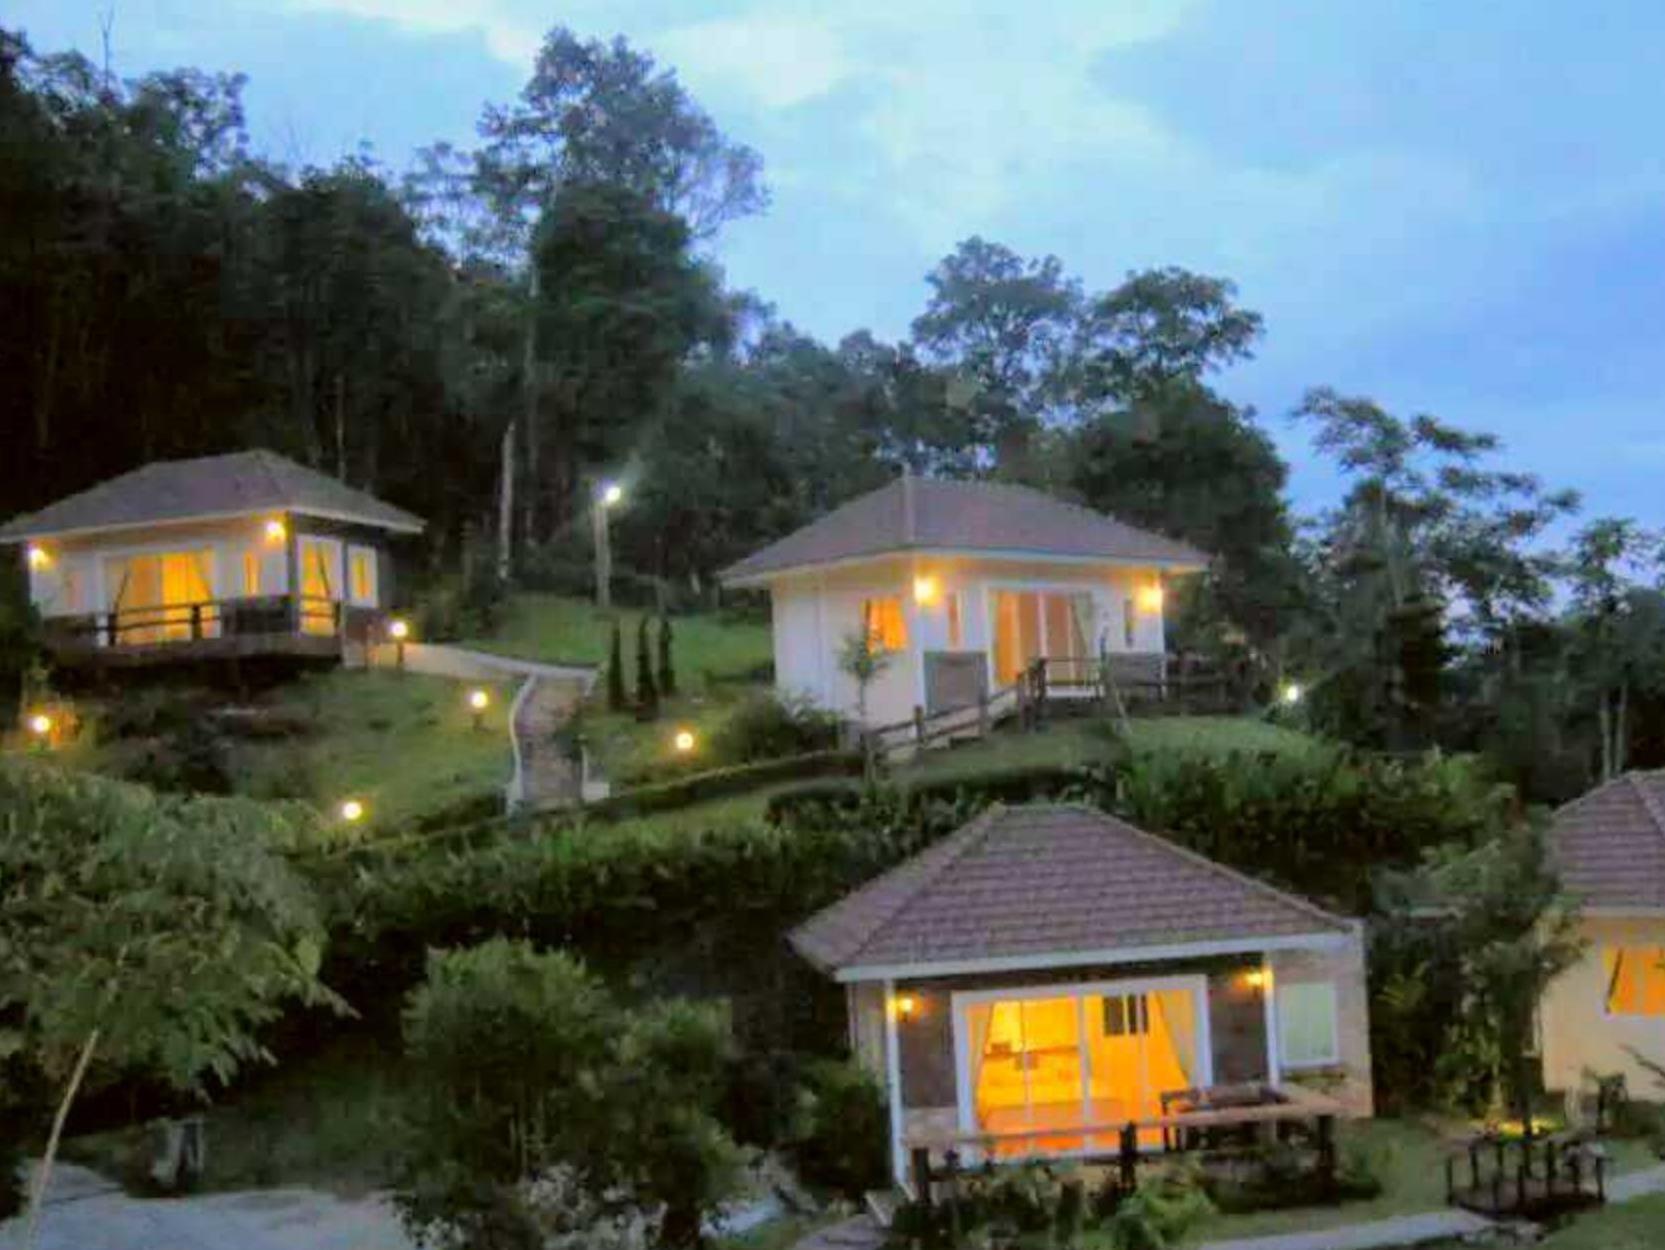 The Road View Resort โรงแรมเดอะ โร้ด วิว